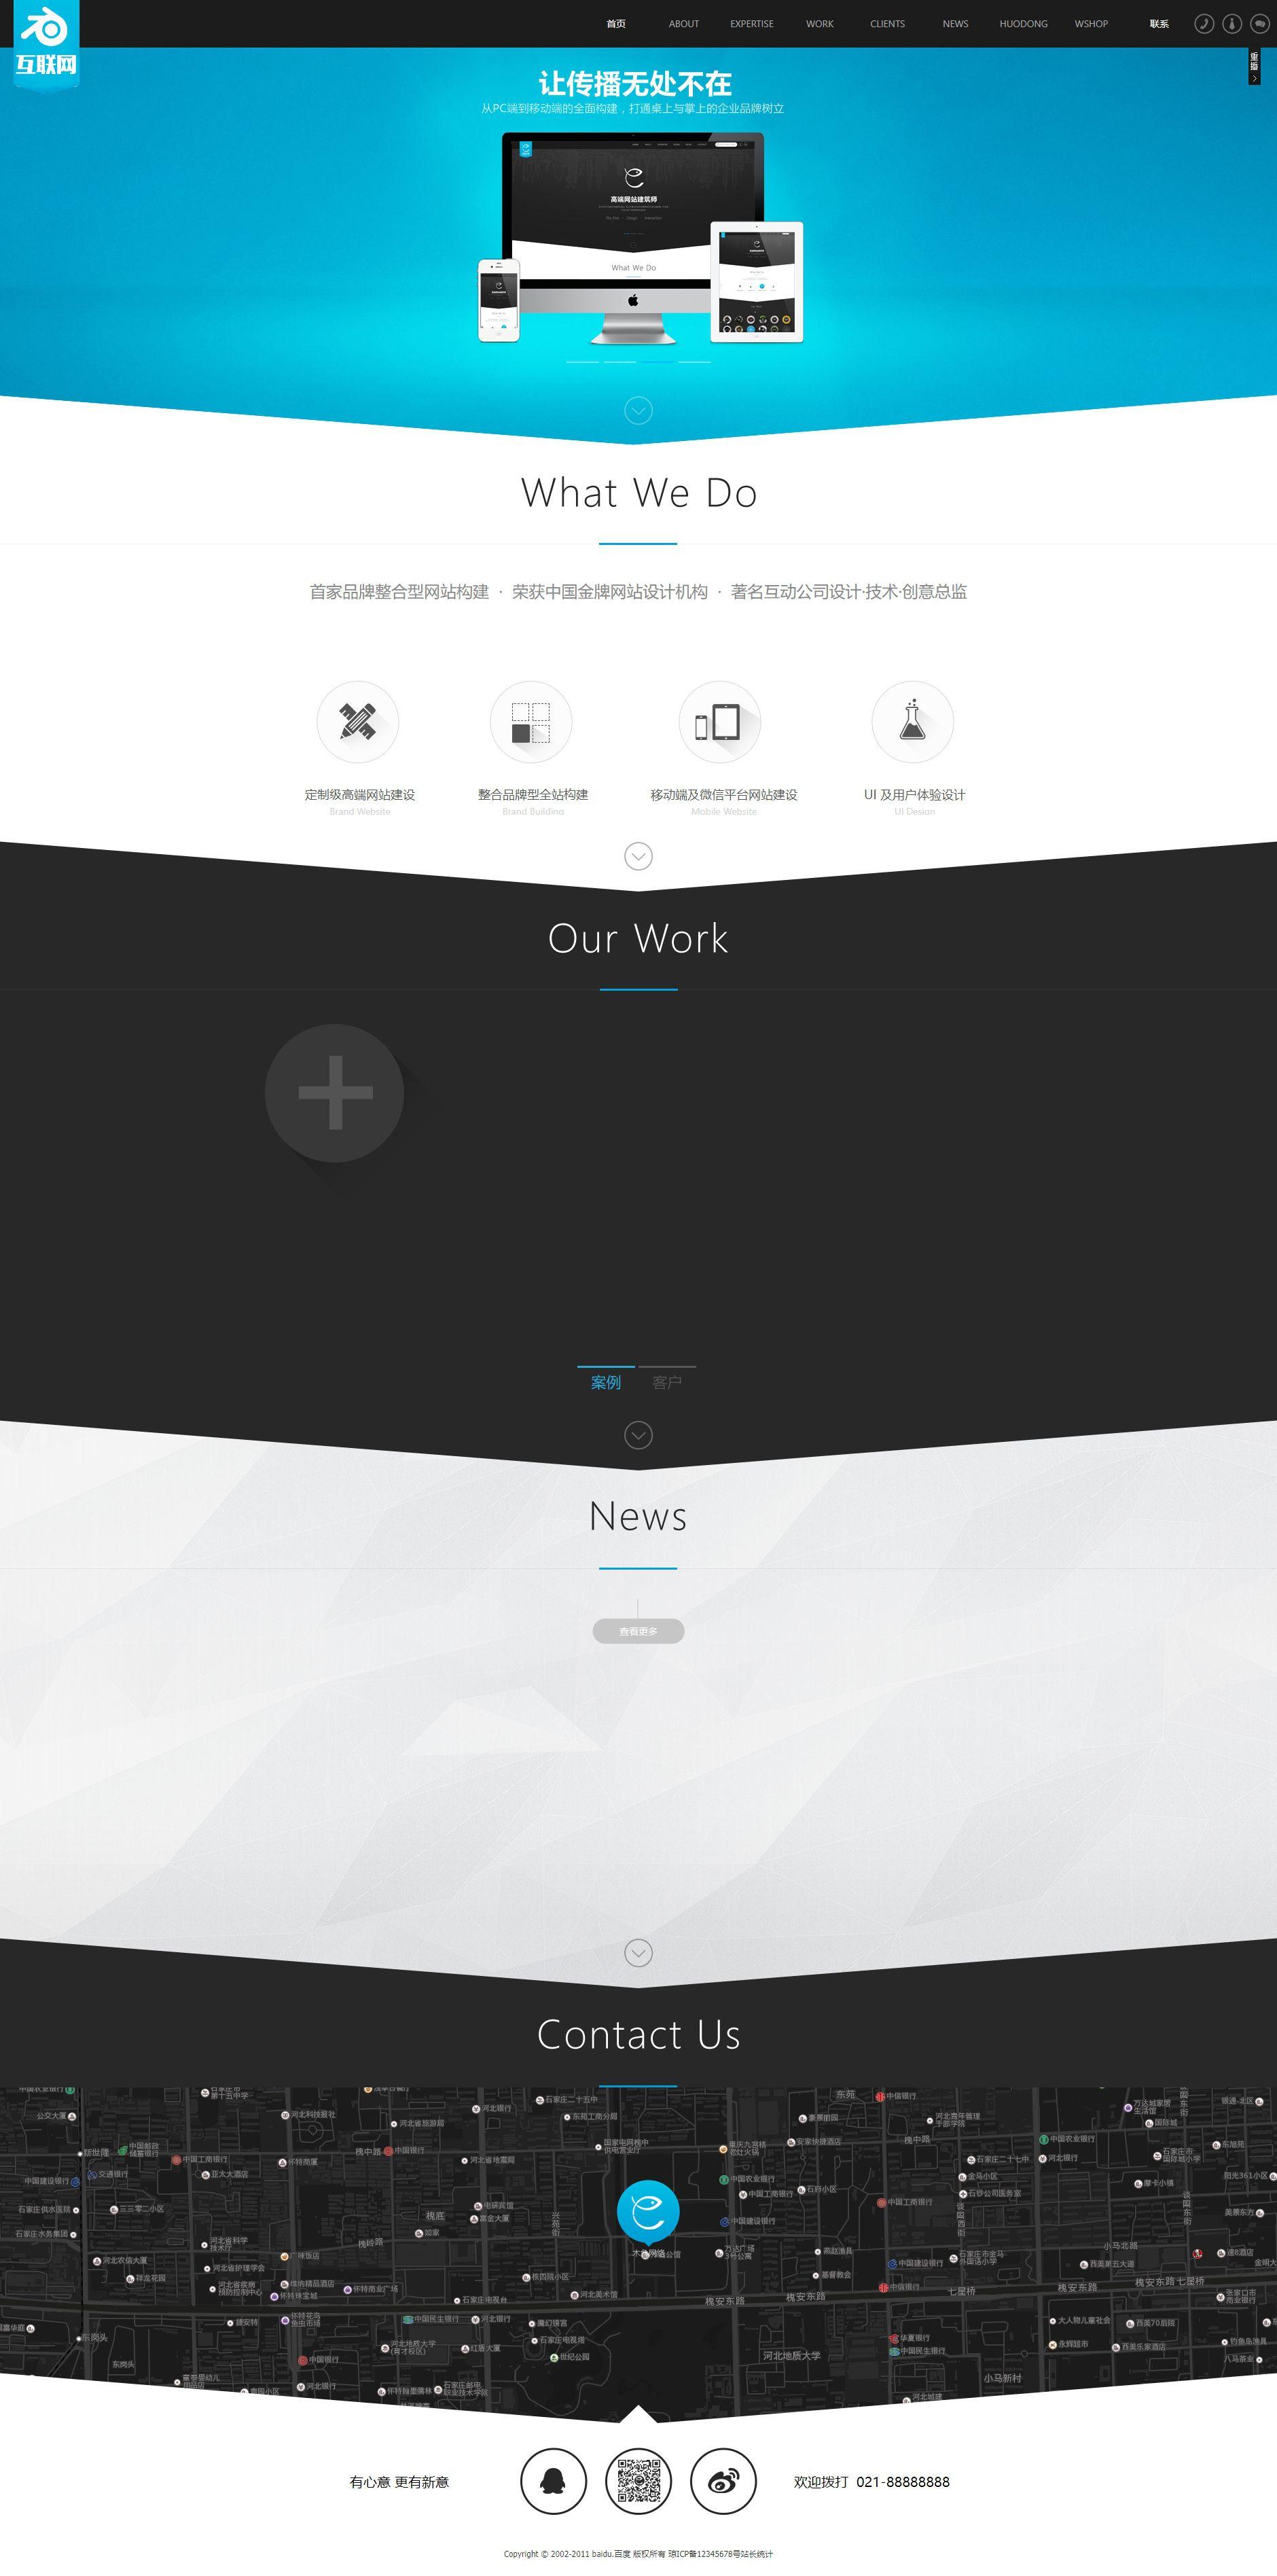 高端HTML5网站建设织梦dedecms模板(仿木鱼网络)